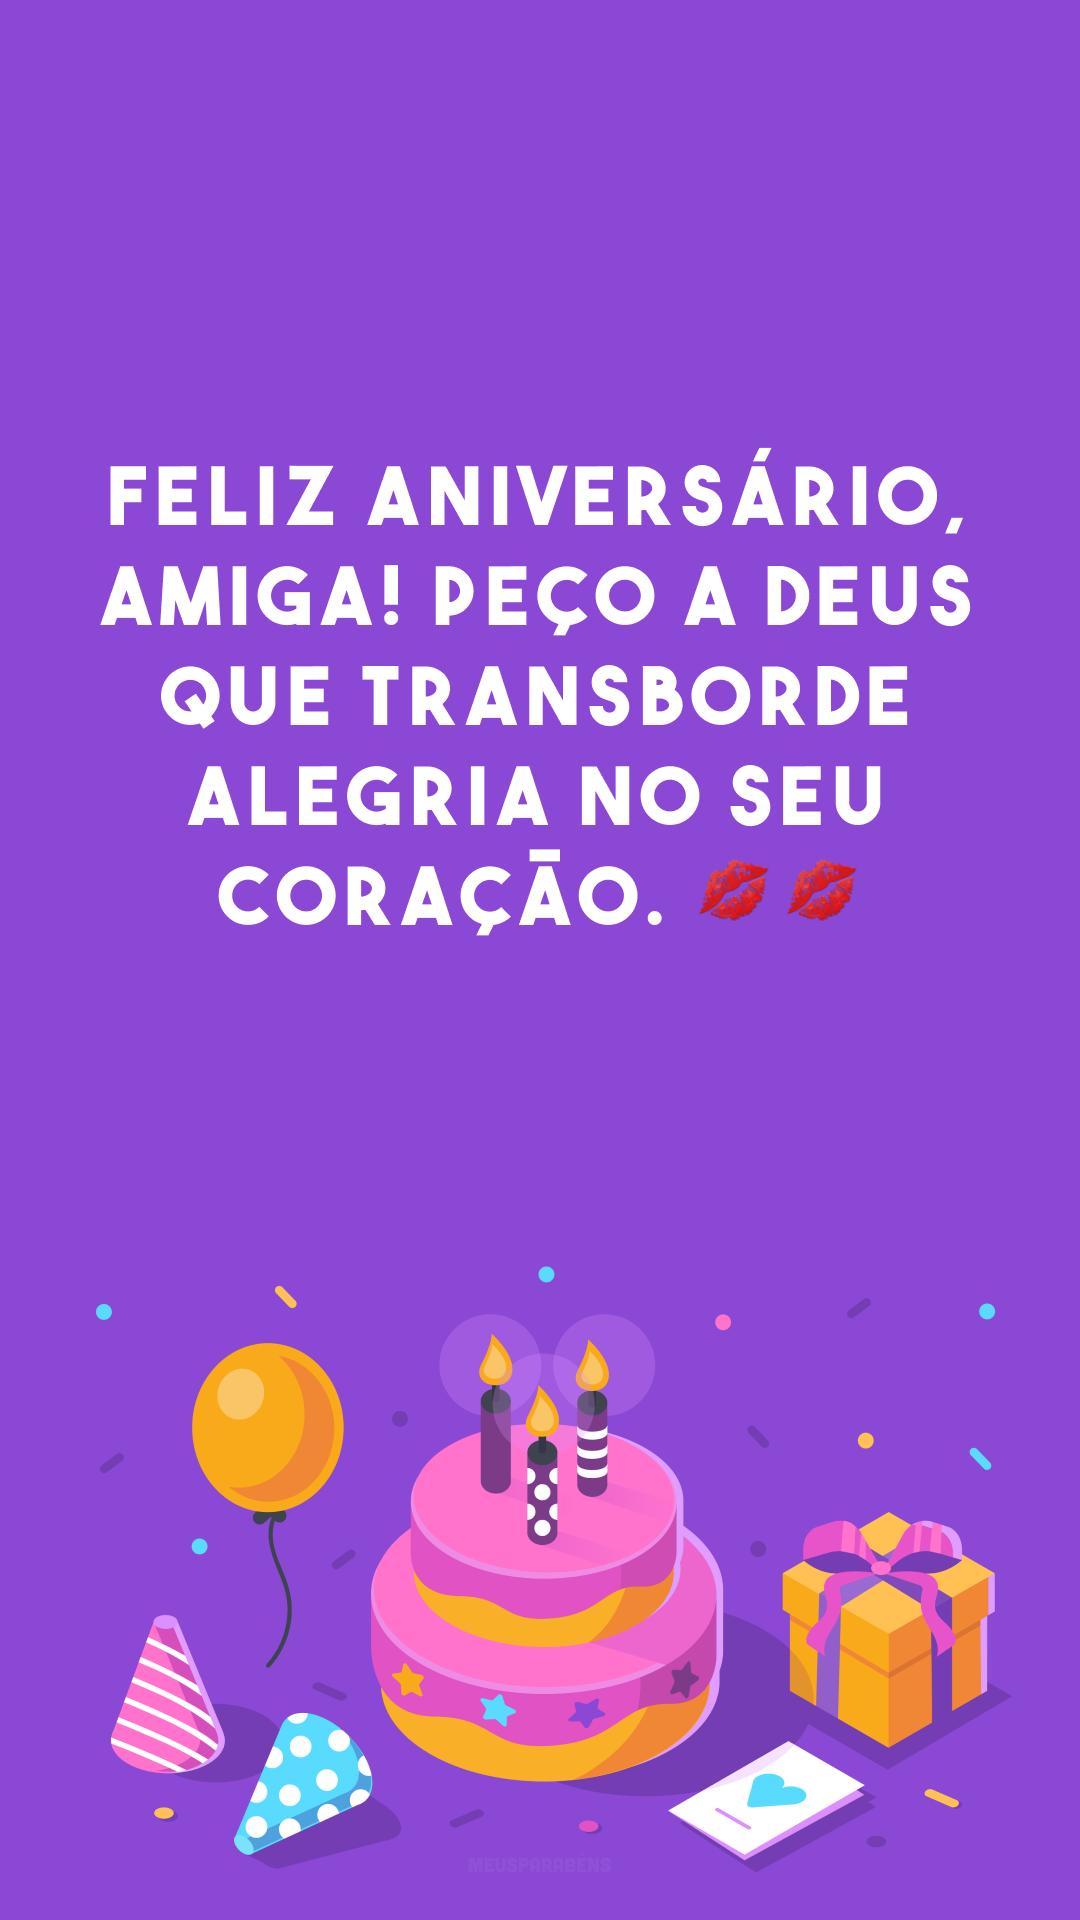 Feliz aniversário, amiga! Peço a Deus que transborde alegria no seu coração. ??